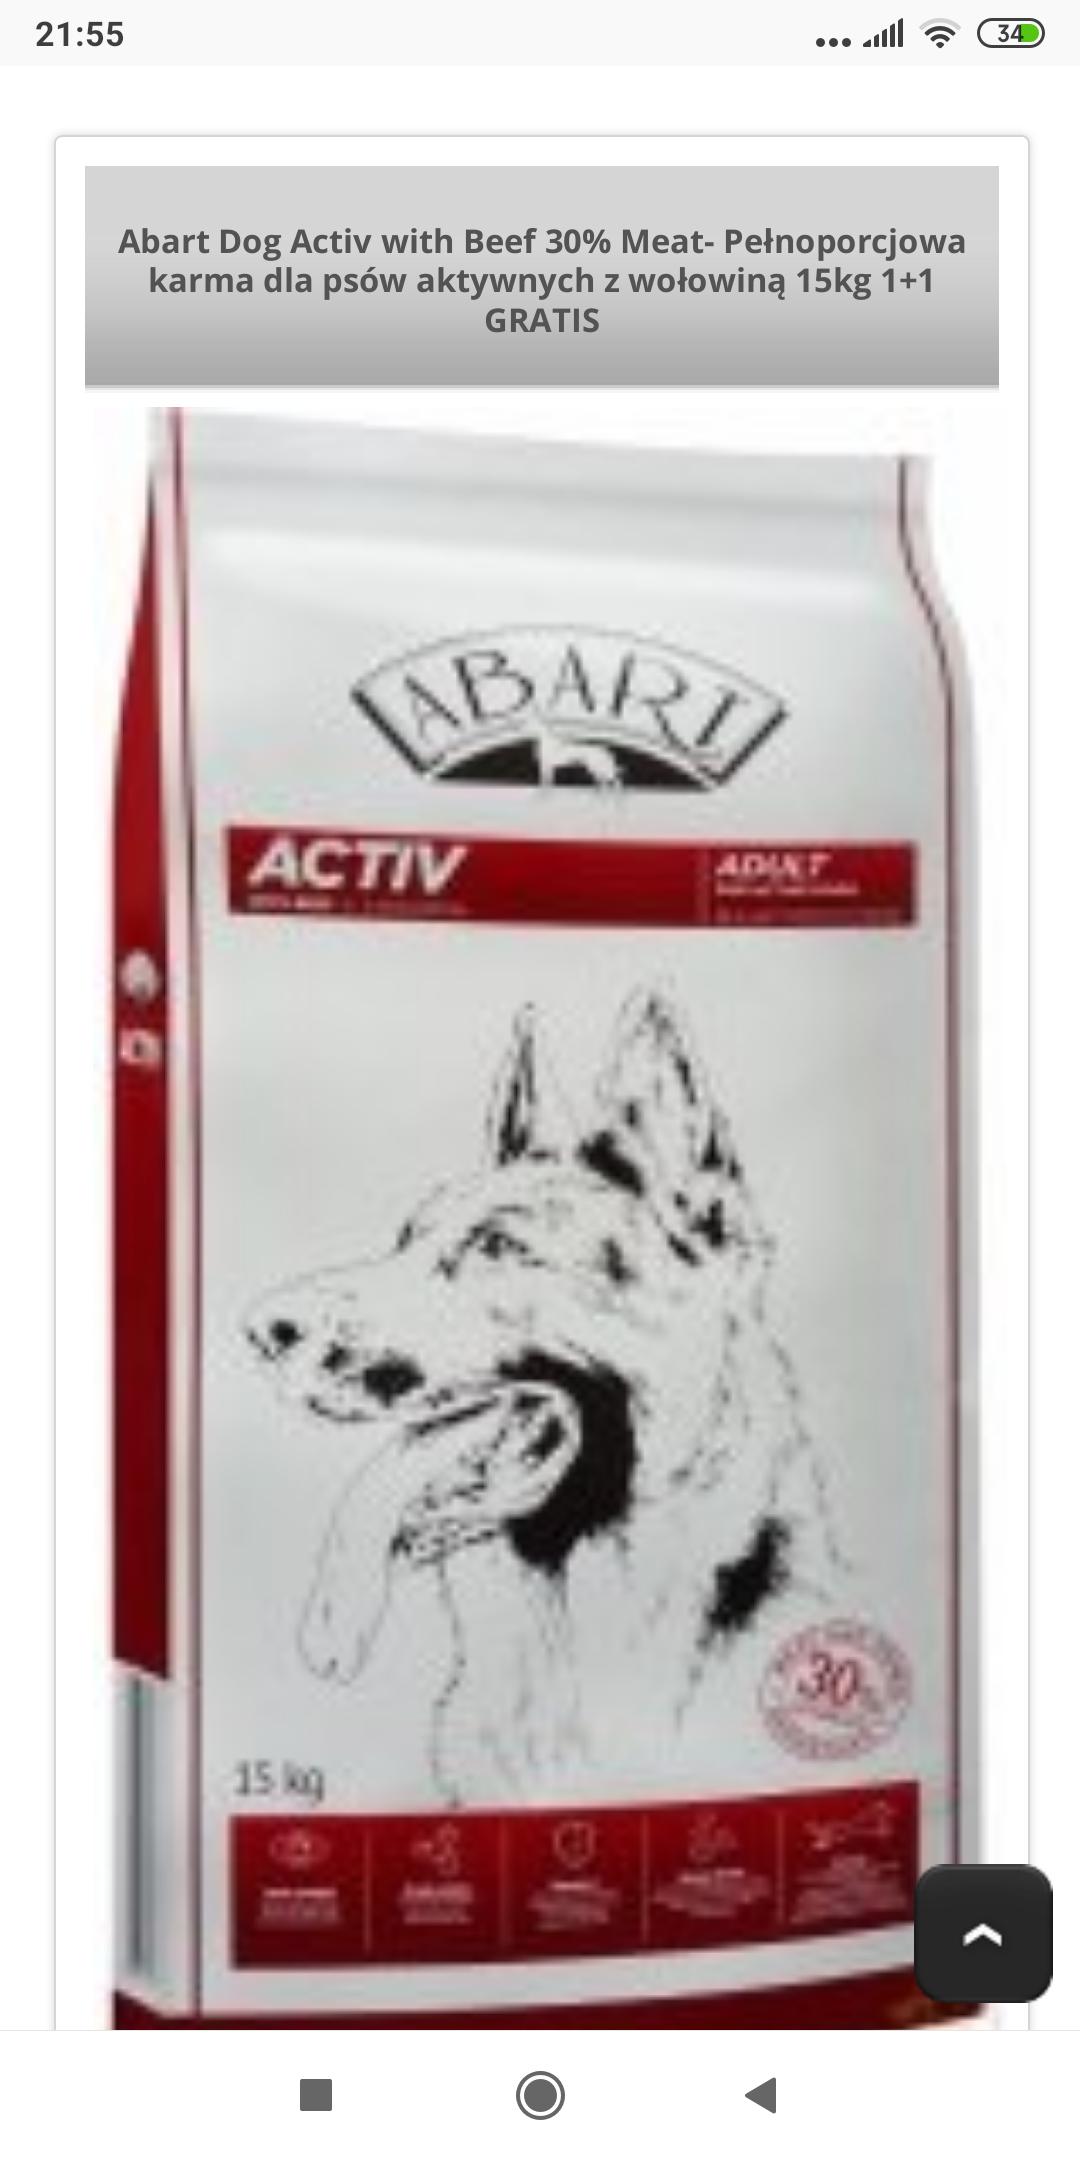 Abart Dog Activ with Beef 30% Meat- Pełnoporcjowa karma dla psów aktywnych z wołowiną 15kg 1+1 GRATIS